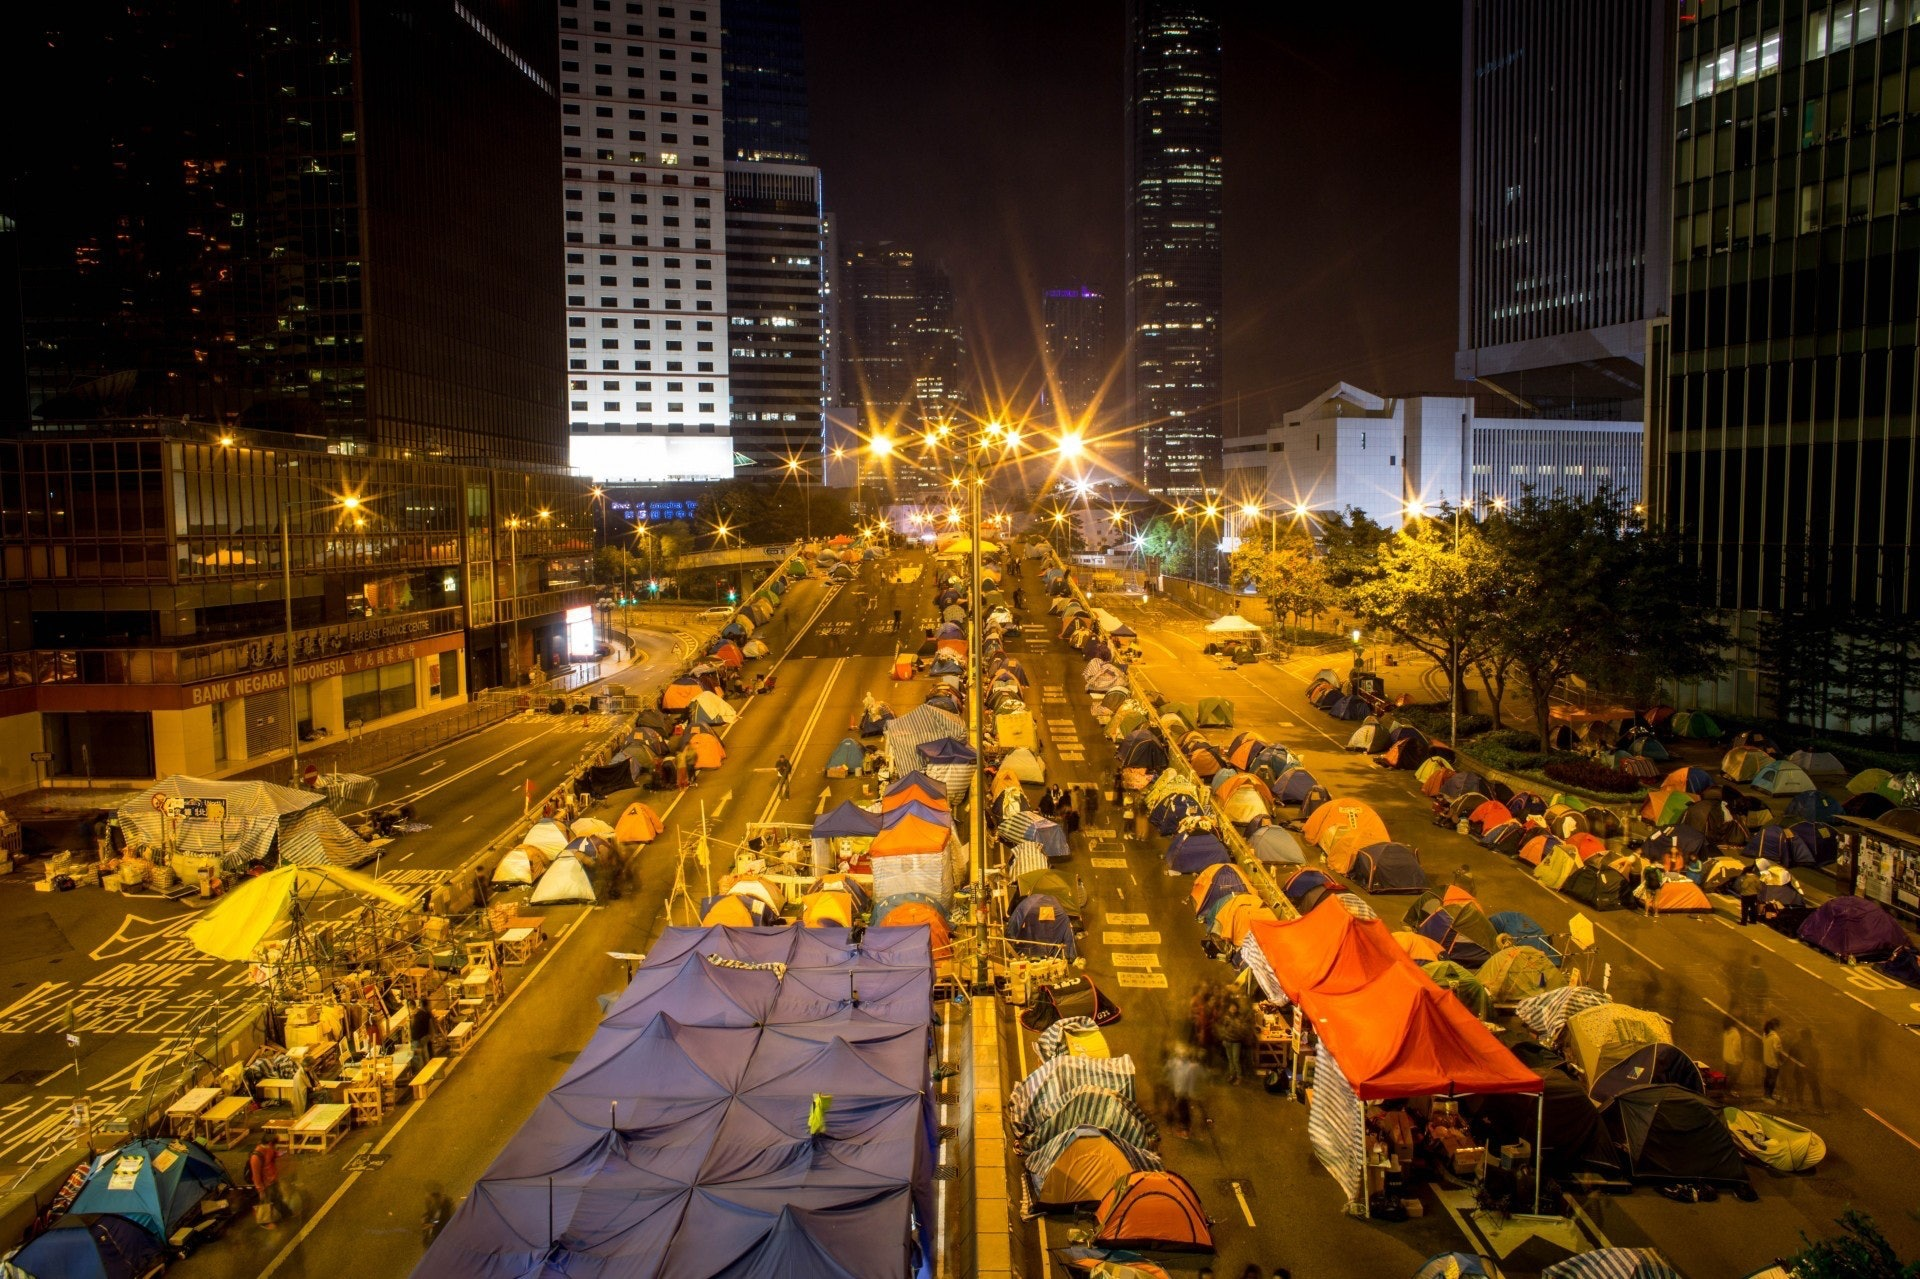 雨傘運動為香港歷史上最大型的公民抗命,歷時79天。(資料圖片/GettyImages)